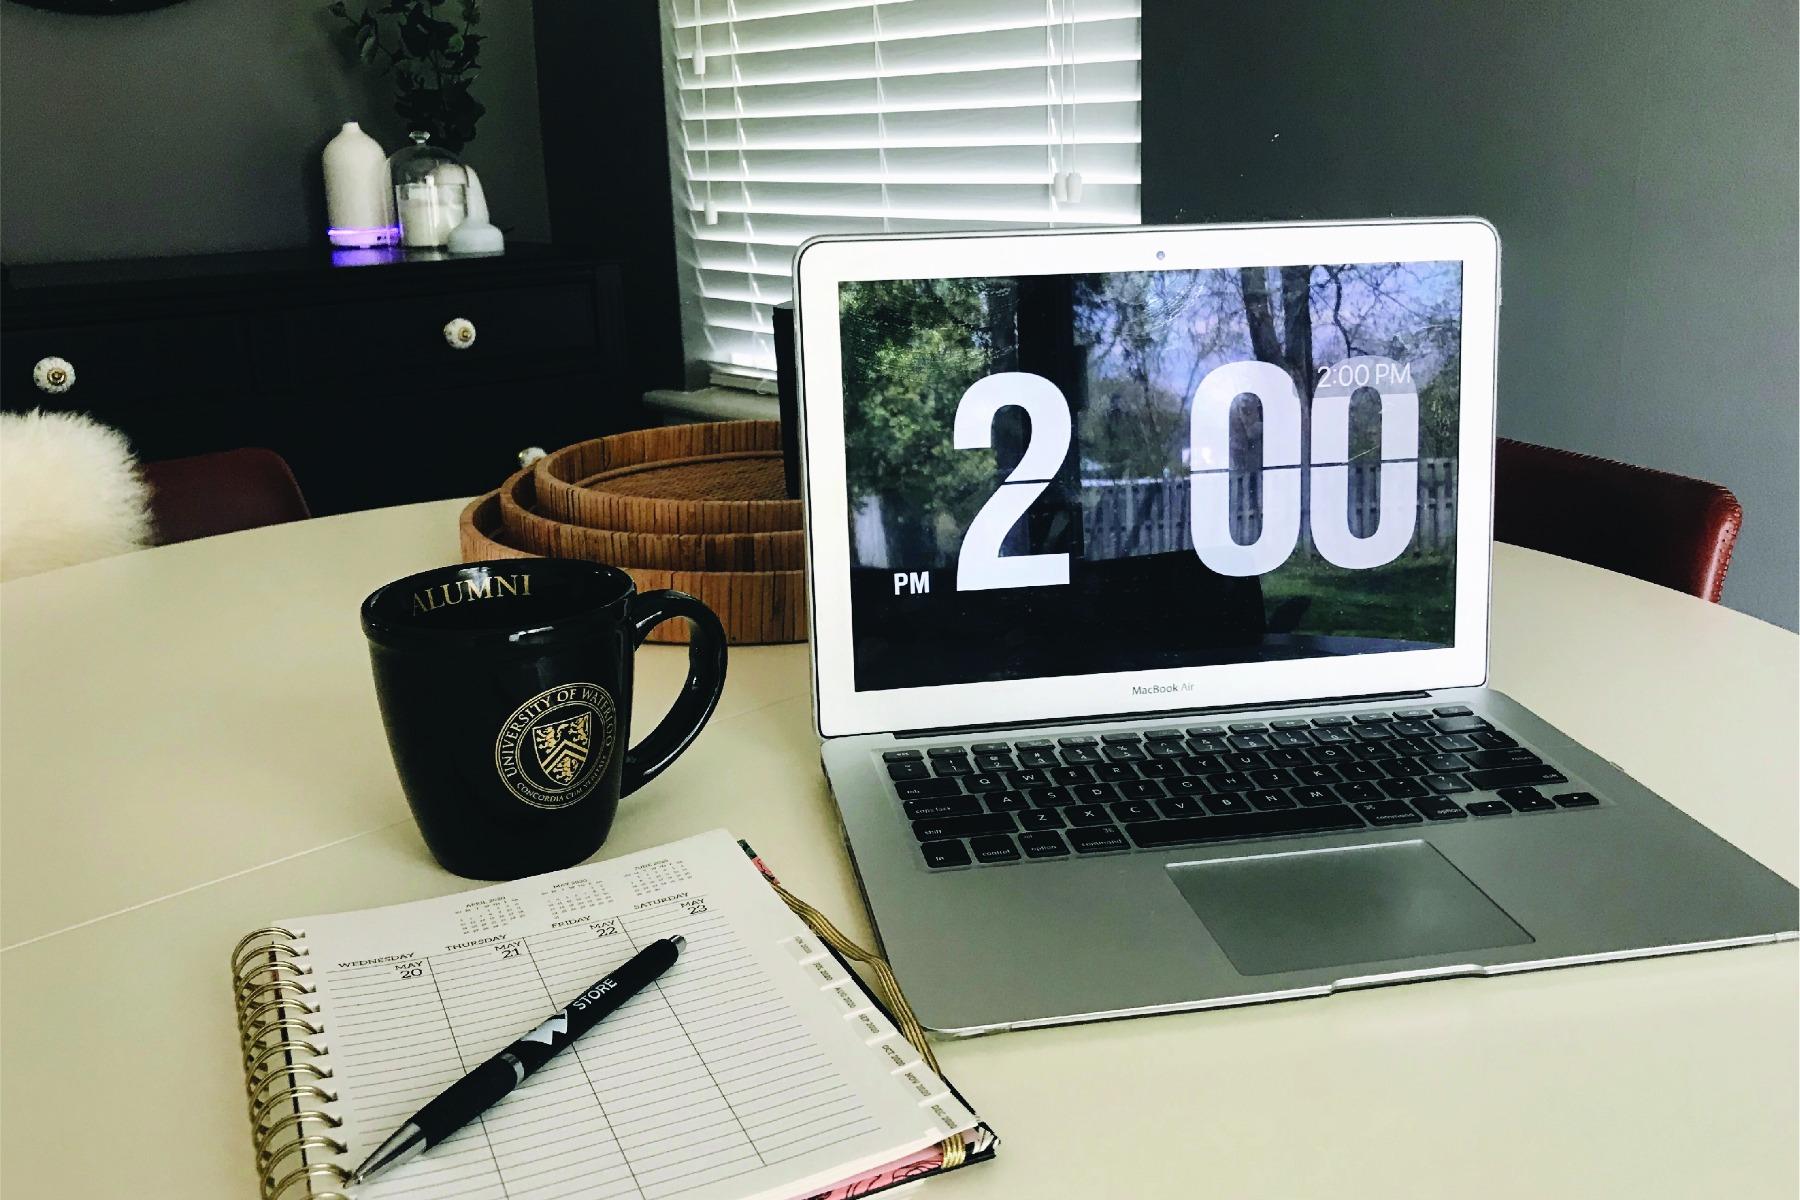 Laptop, UWaterloo Alumni mug and notebook on table